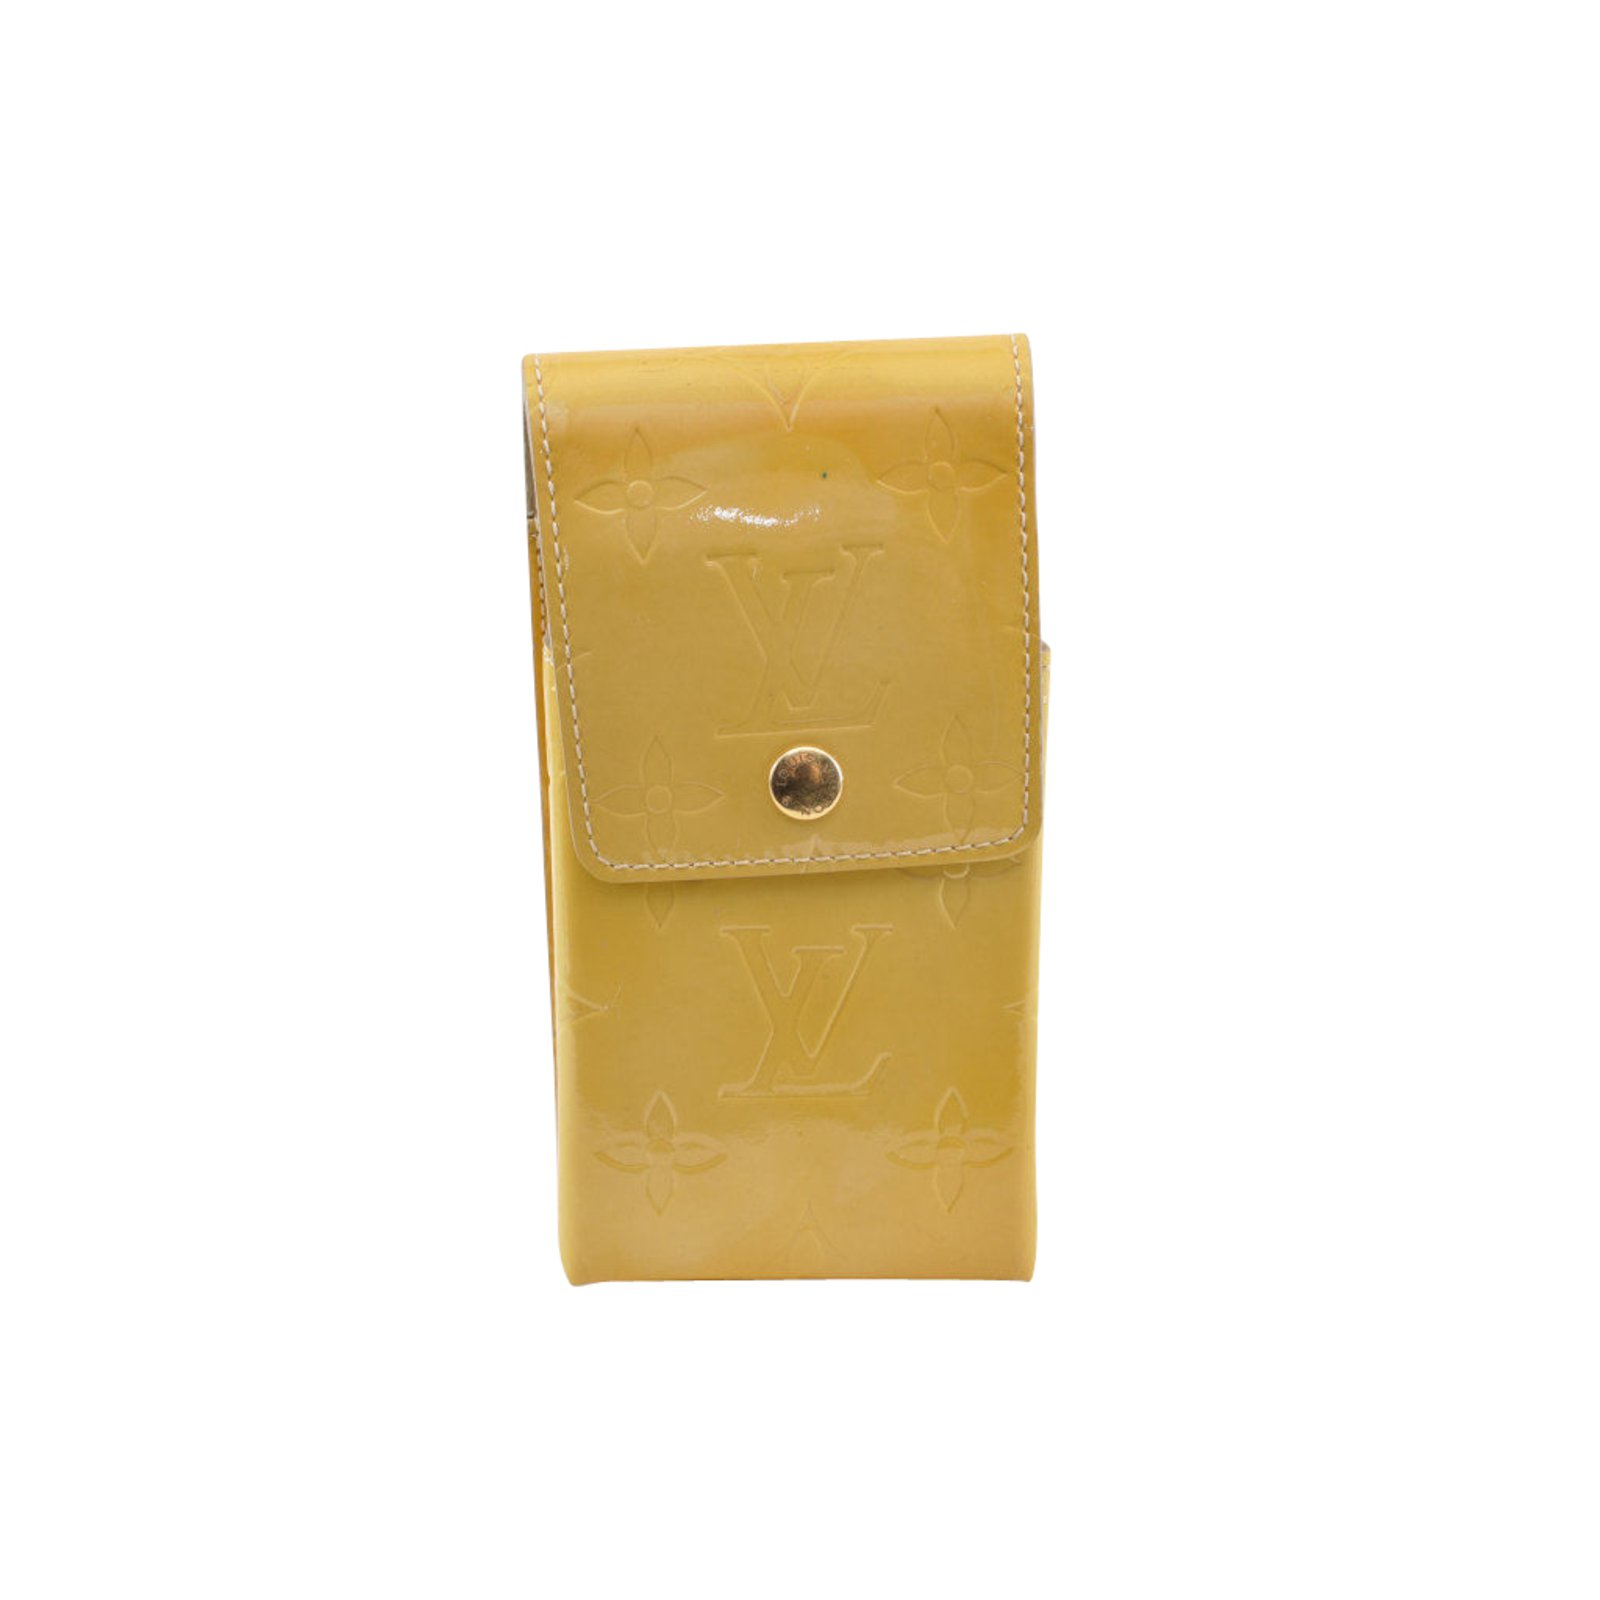 f981187214 Louis Vuitton Cigarette Case